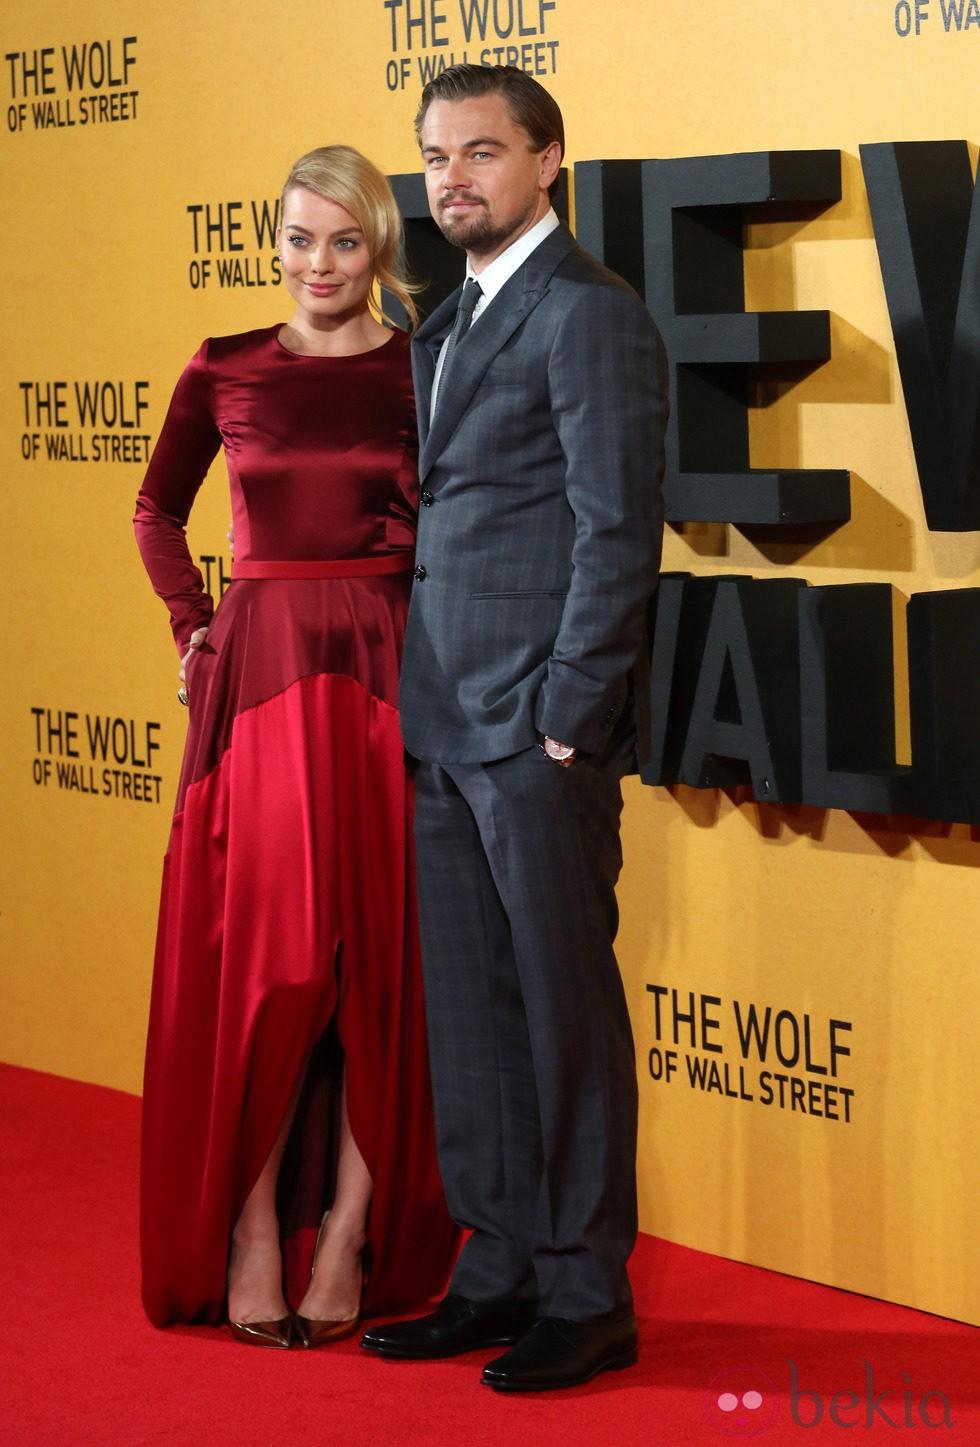 Leonardo DiCaprio y Margot Robbie en la premiere de 'El lobo de Wall Street' en Londres